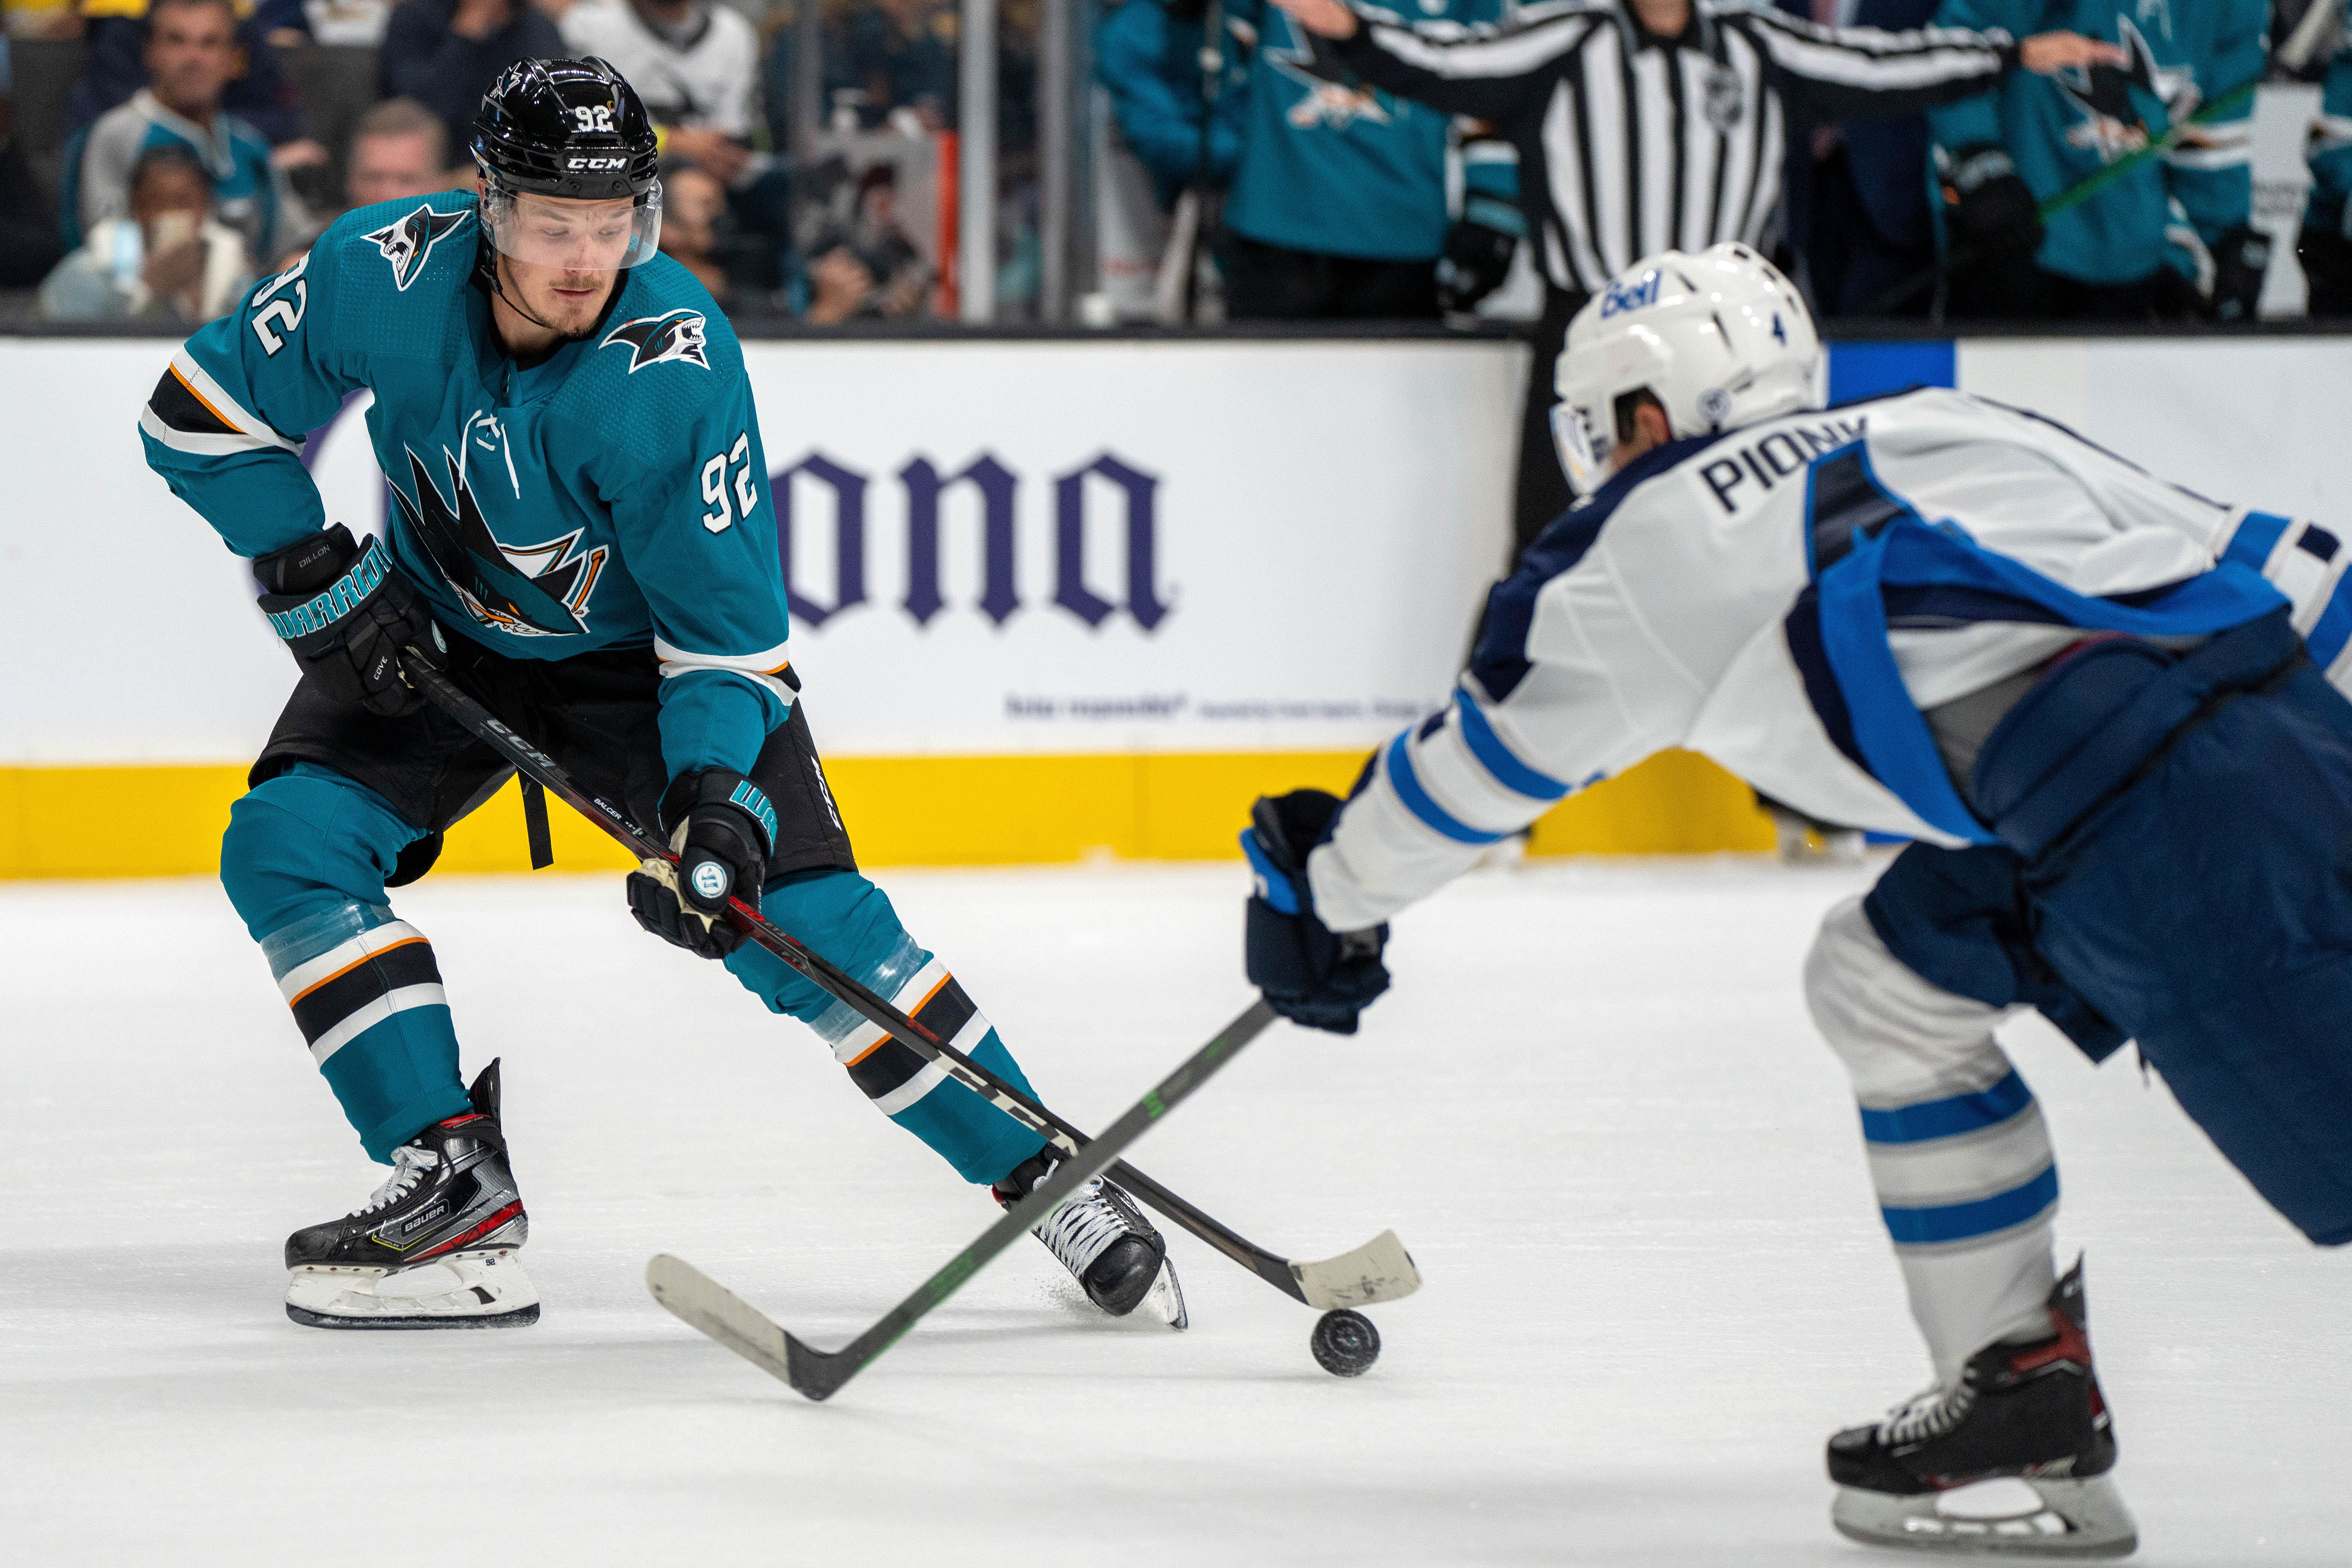 Latviešiem lieliska nakts NHL - divi vārti, 95% atvairītu metienu un četras uzvaras